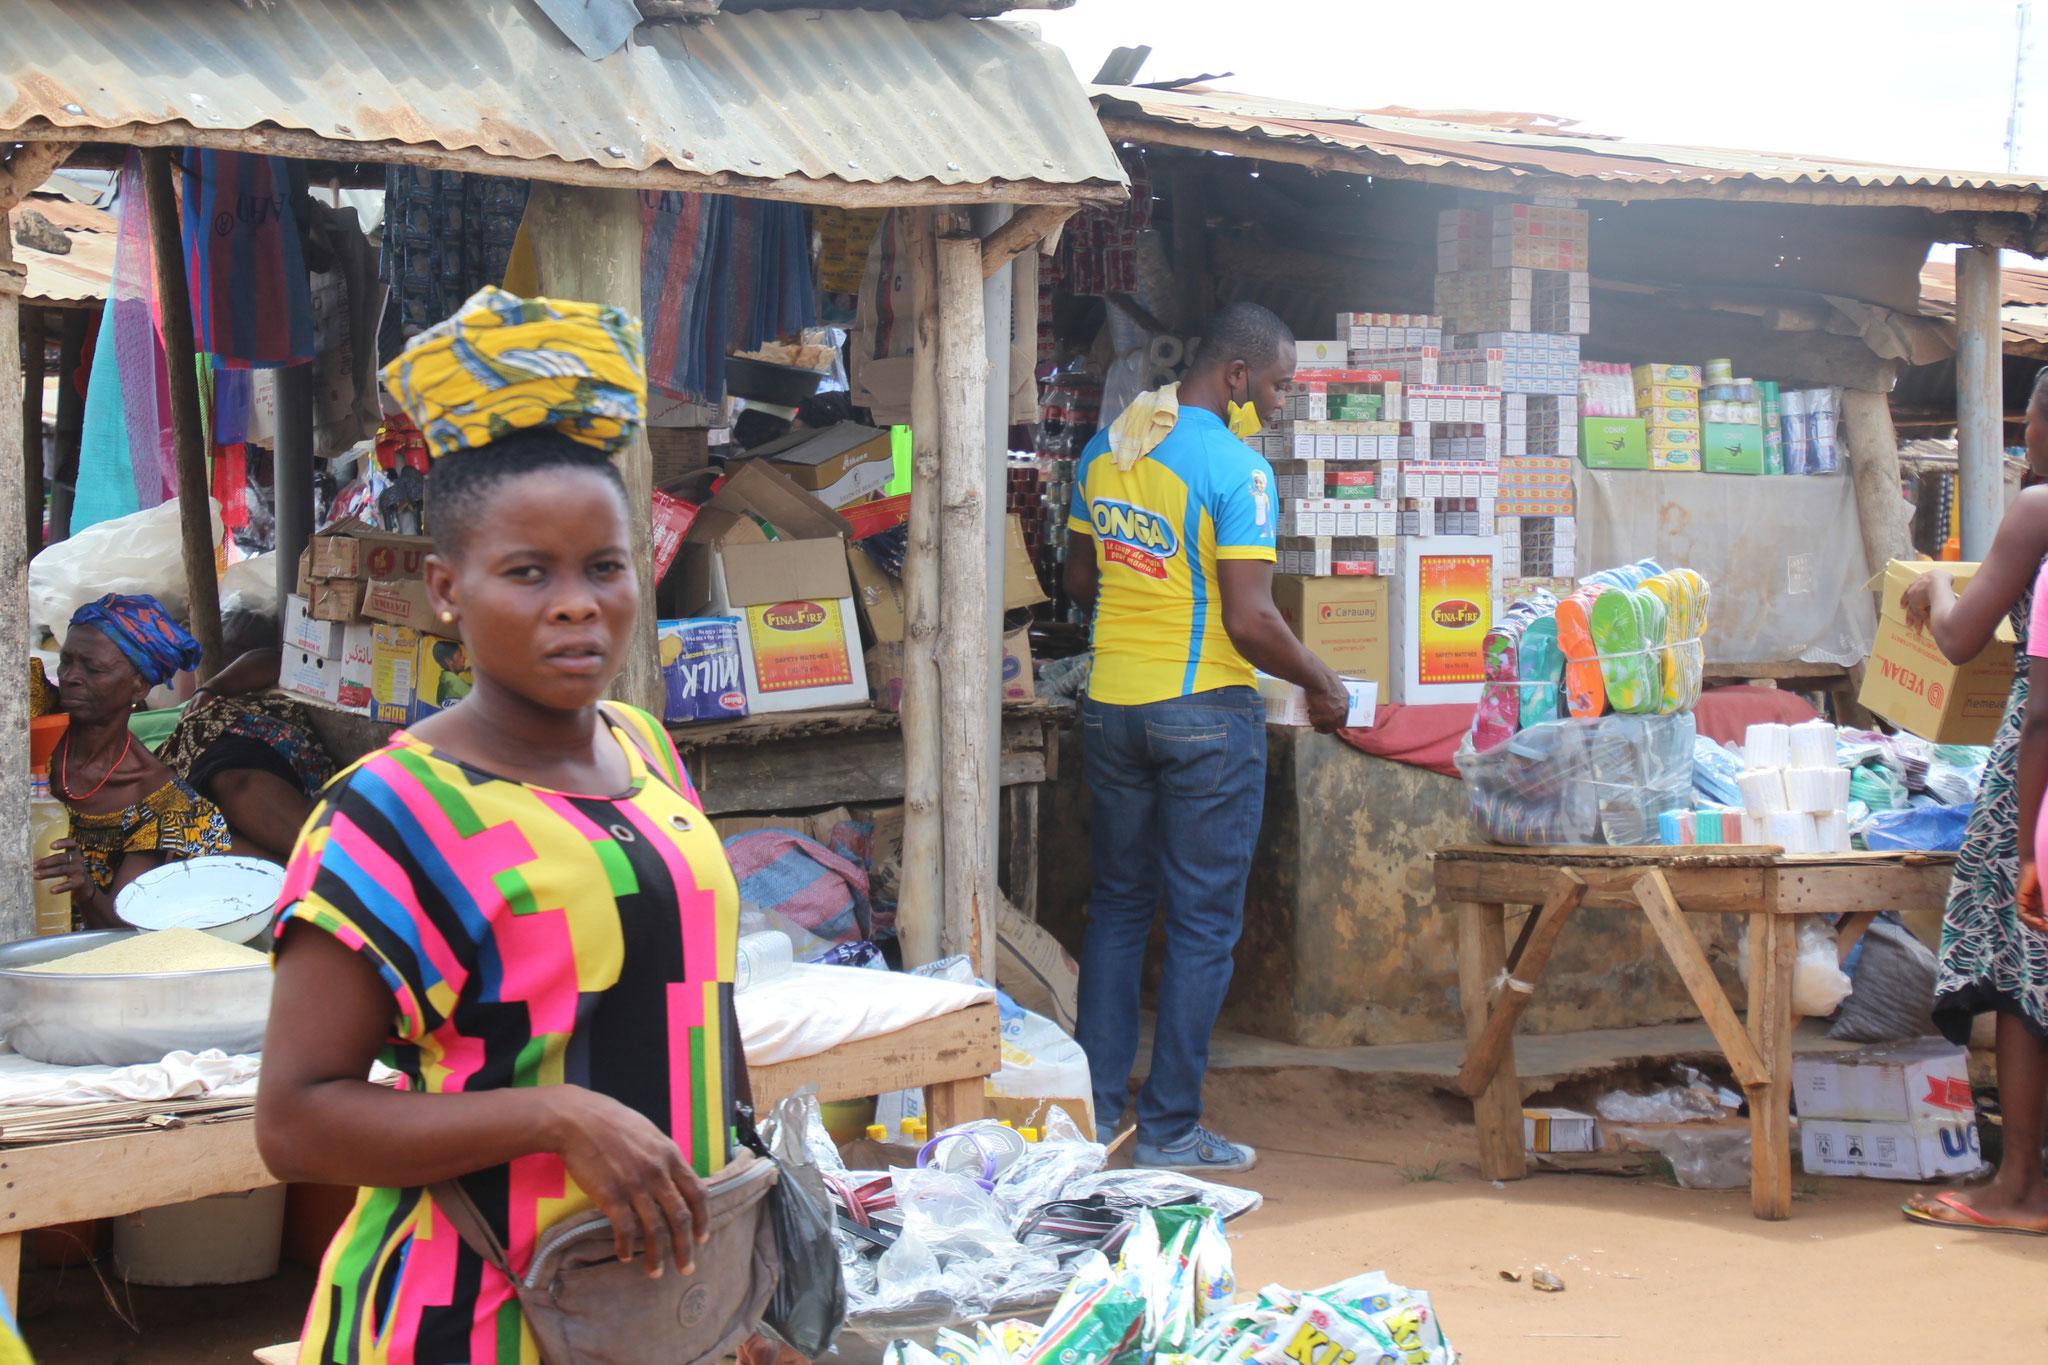 Marktfrau in Tagblibo.